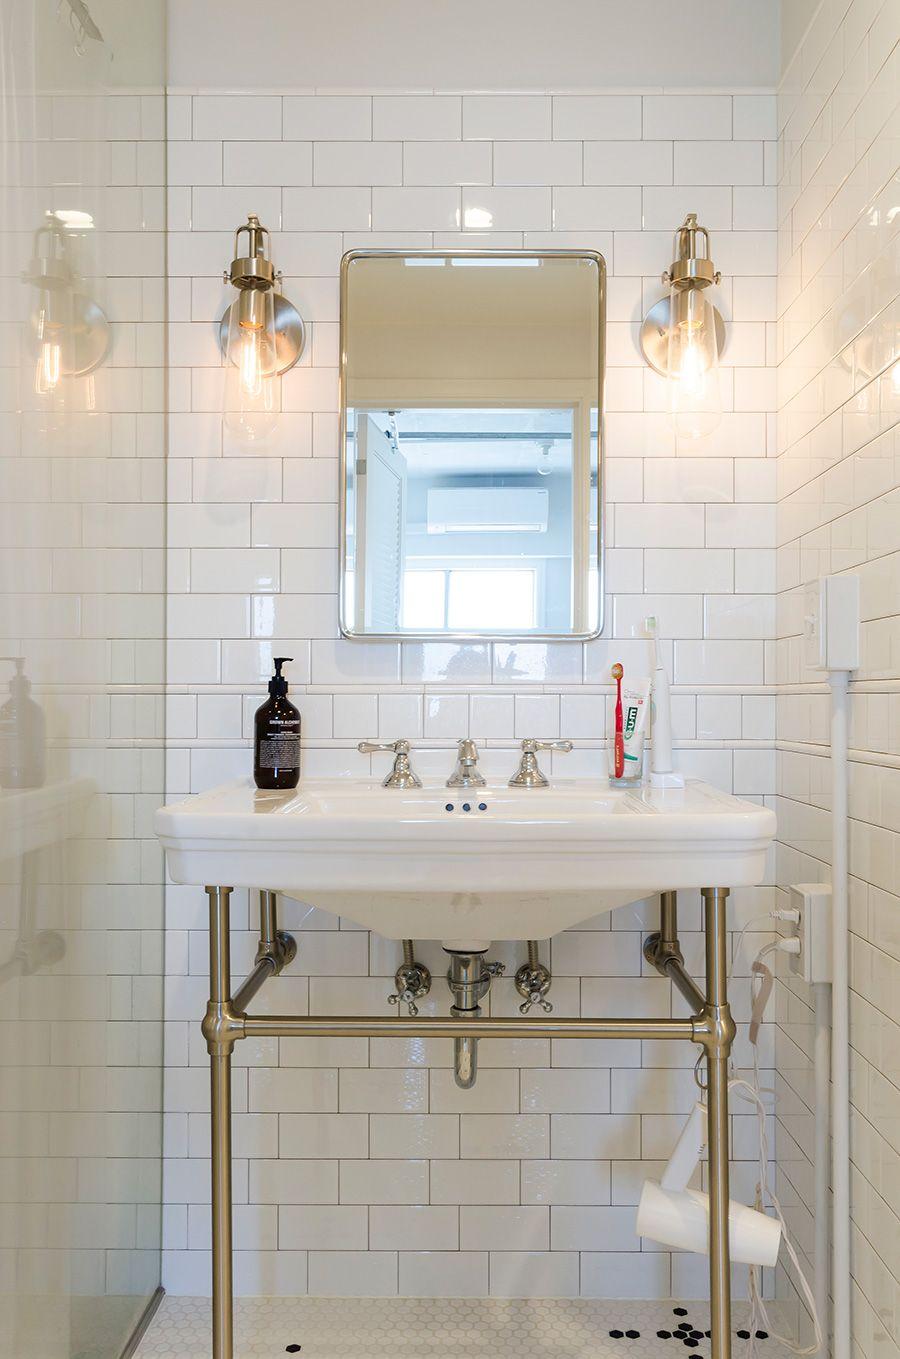 壁のないファミリー物件ゆるやかに仕切られた Nyスタイルの1ldk 洗面